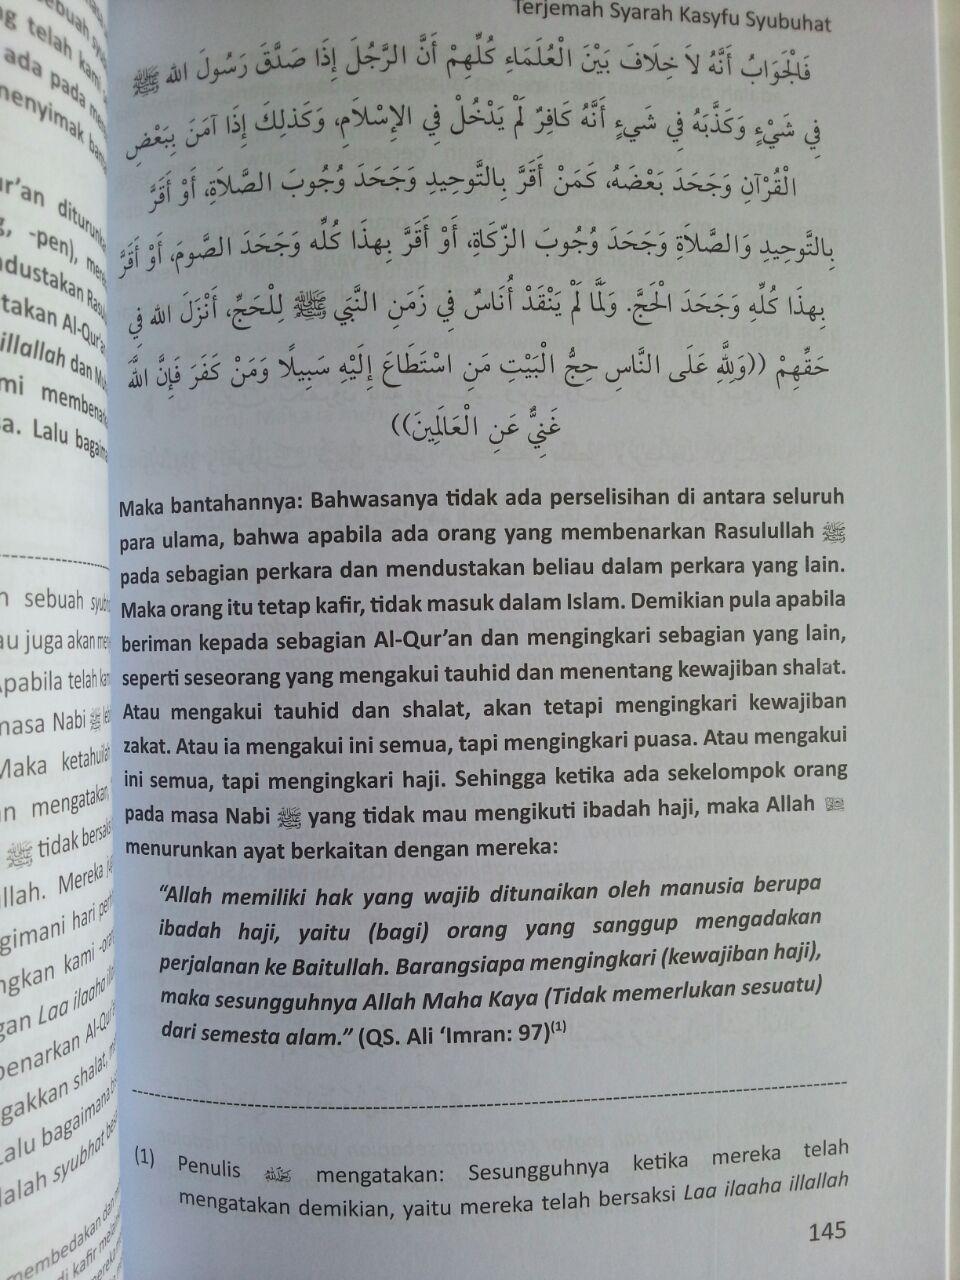 Buku Terjemah Syarah Kasyfu Asy Syubuhat Kerancuan Aqidah isi 3